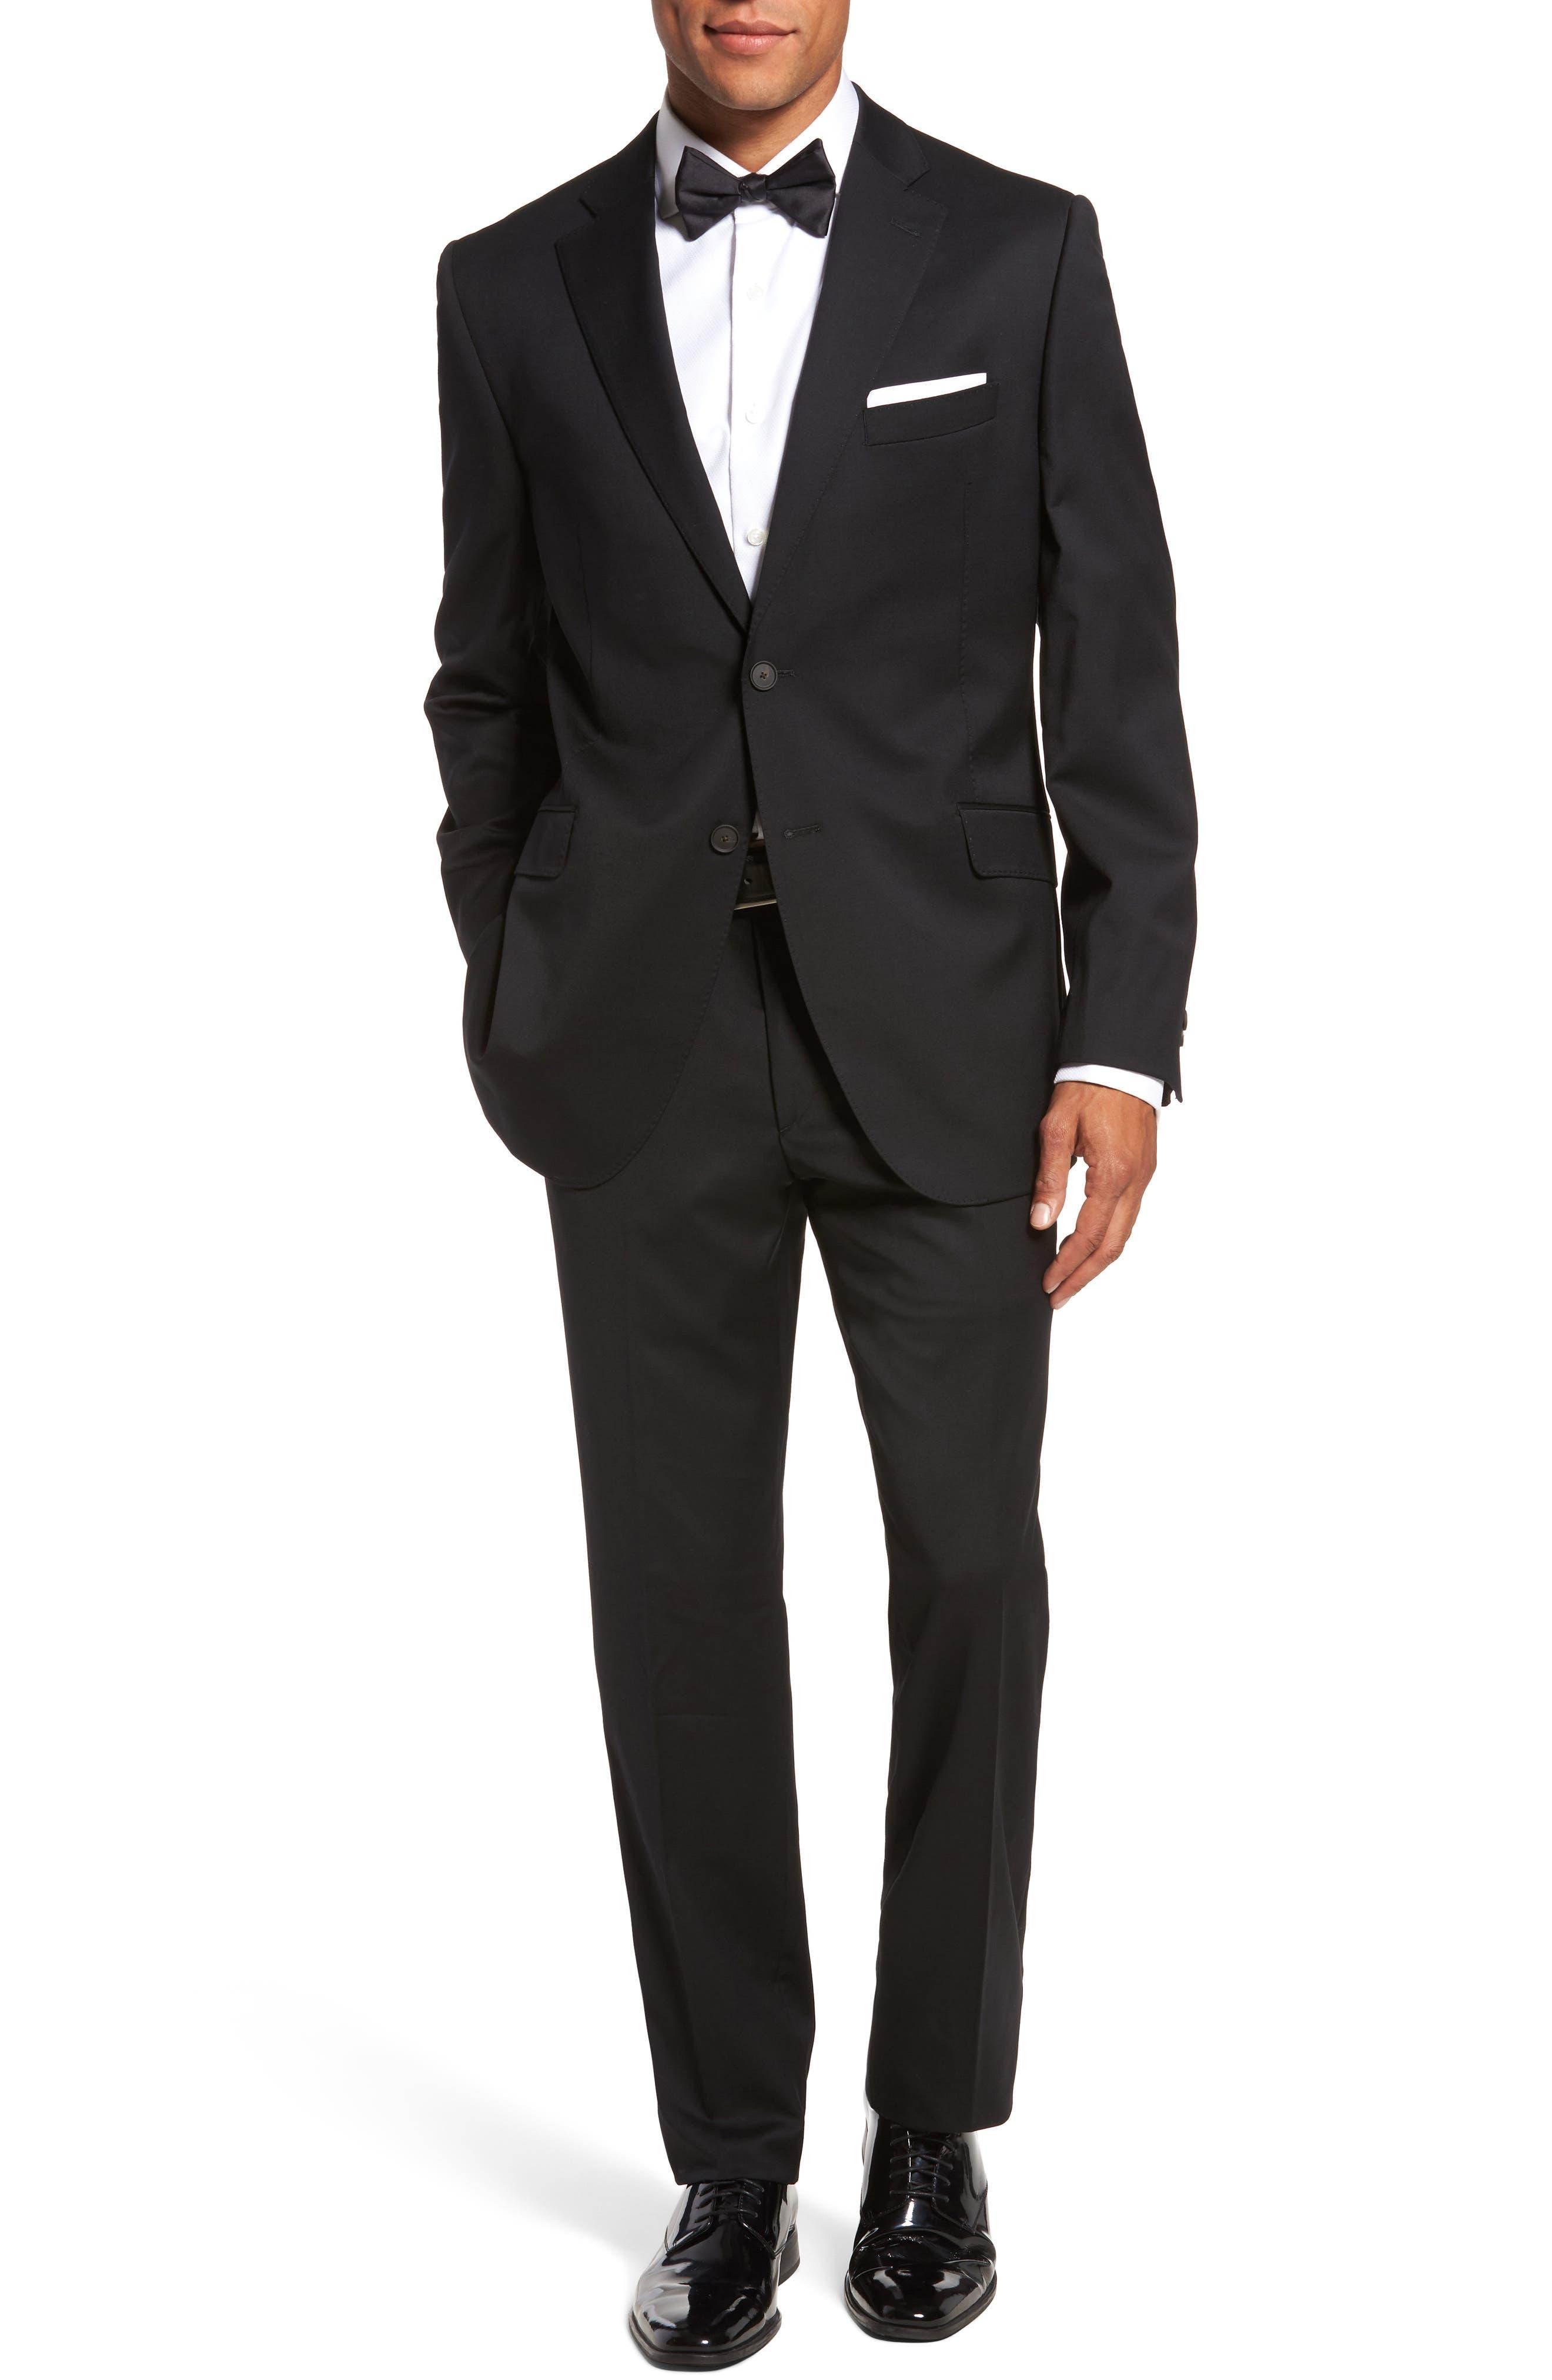 Keidis Aim Classic Fit Stretch Wool Suit,                         Main,                         color, Black